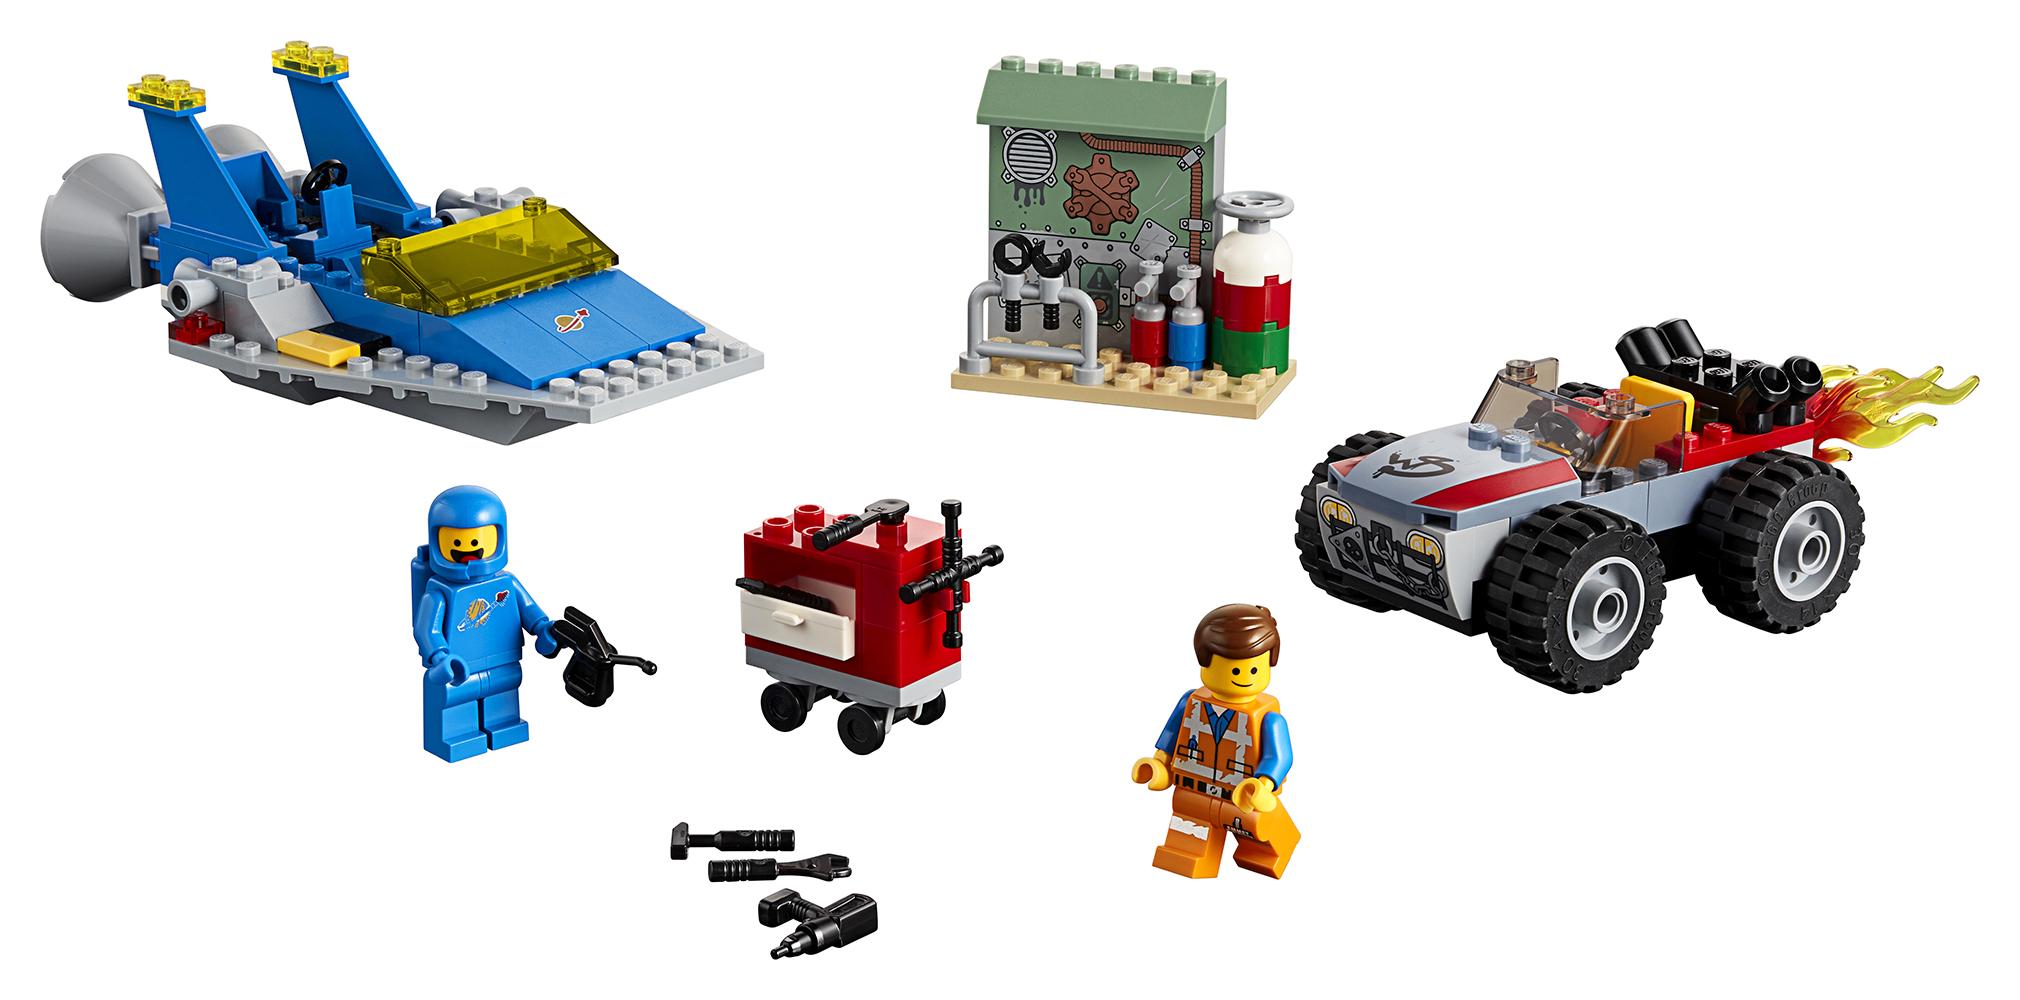 Lego Movie 2 - L'Atelier Construire&Réparer d'Emmet et Benny!